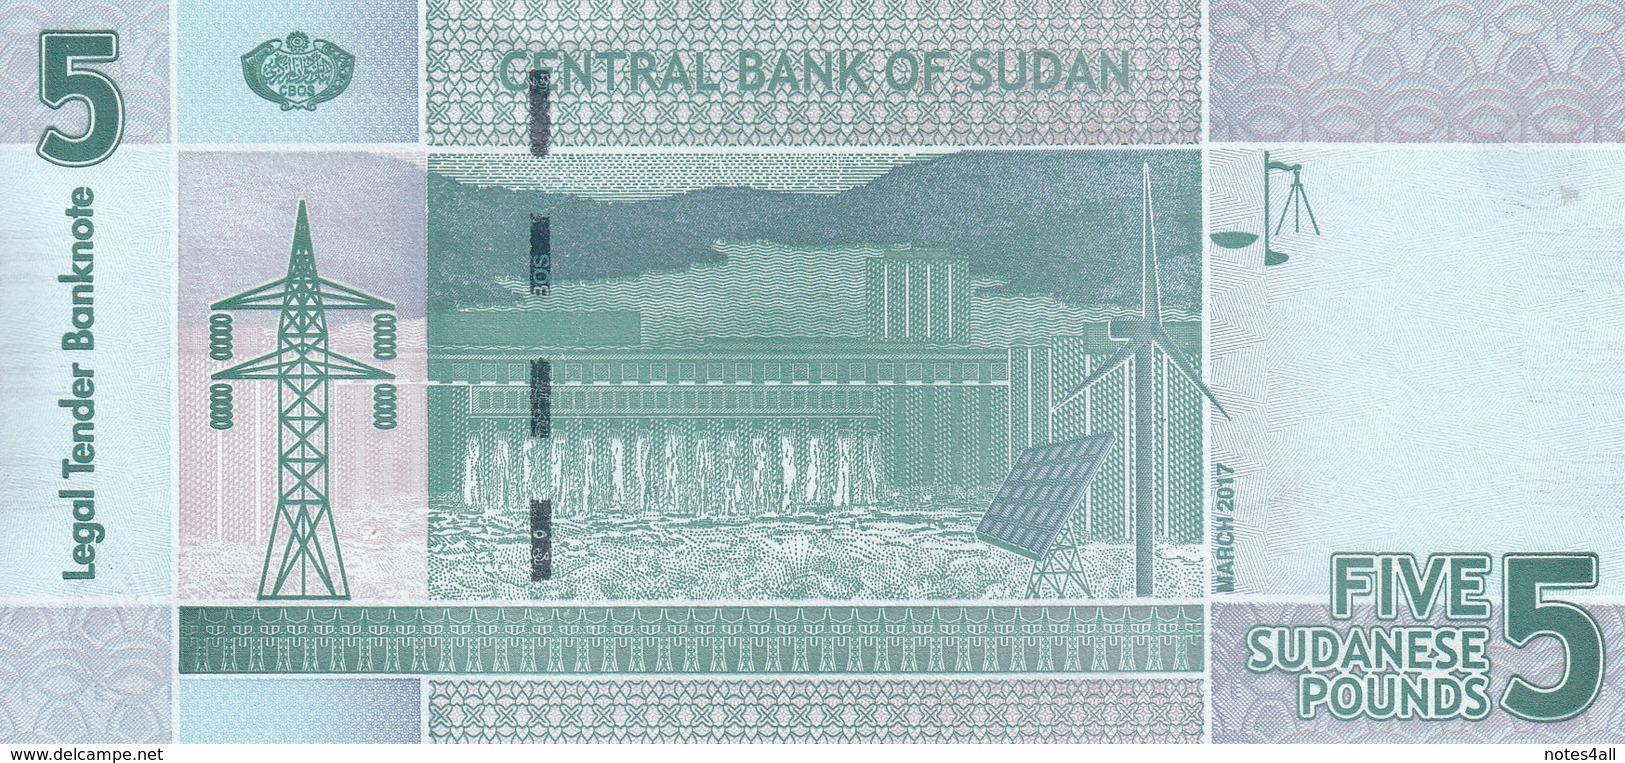 SUDAN 5 POUNDS March 2017 P-72 REPLACEMENT CJ UNC */* - Soudan